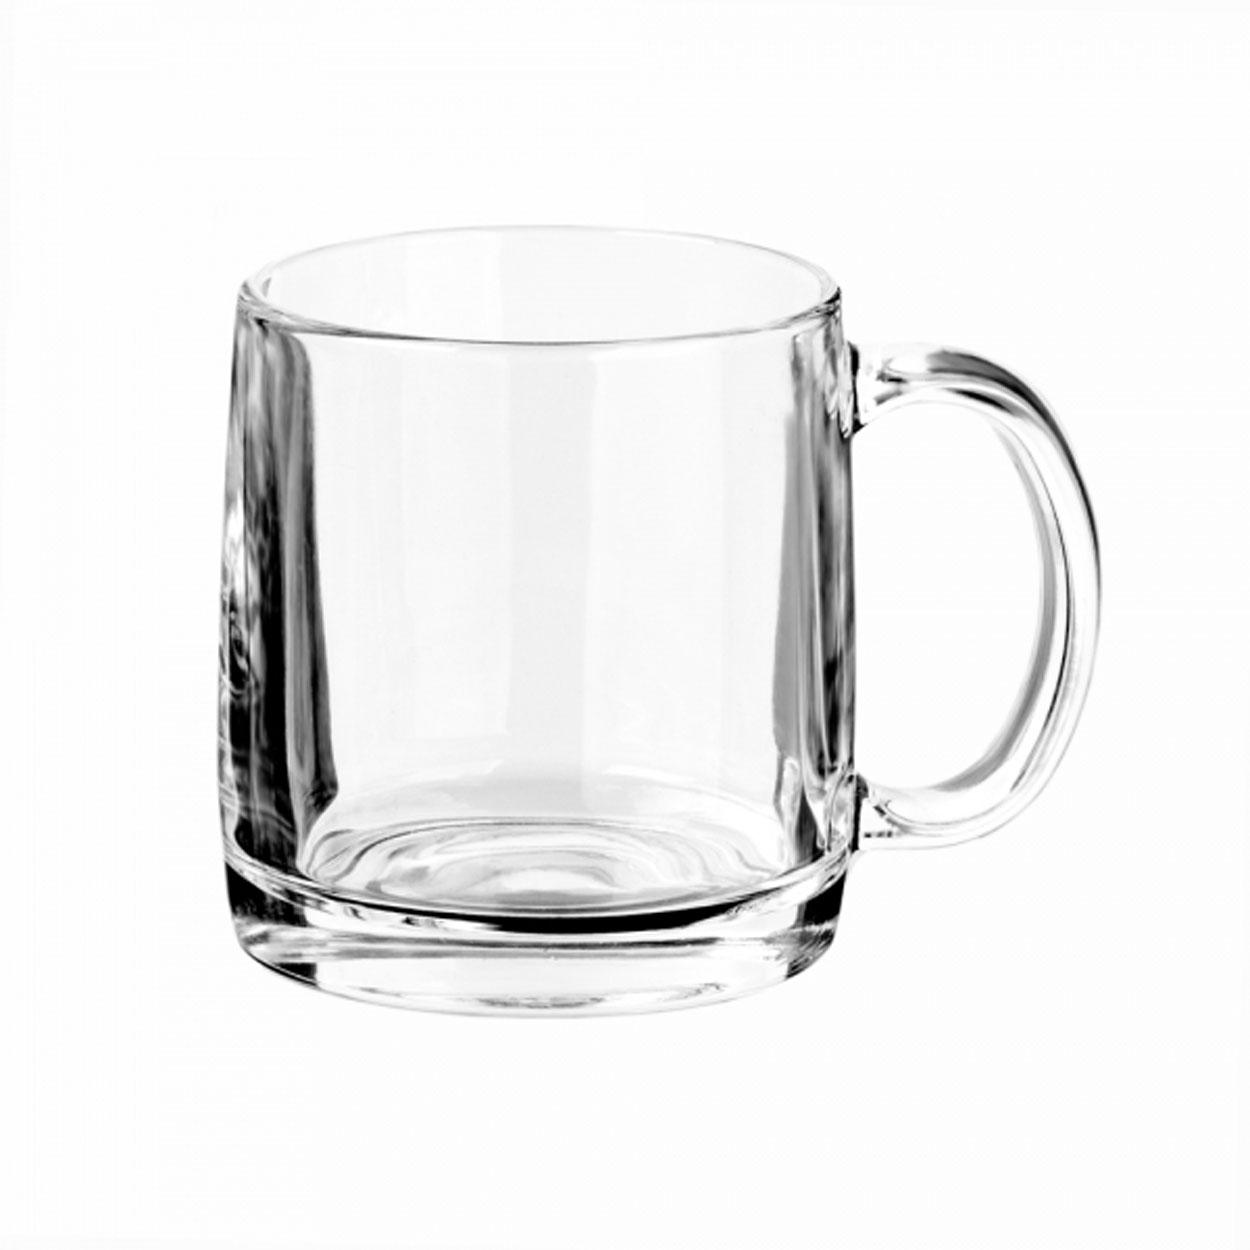 Кружка Luminarc Нордик, цвет: прозрачный, 380 мл115510Кружка Luminarc Нордик изготовлена из упрочненного стекла. Такая кружка прекрасно подойдет для горячих и холодных напитков. Она дополнит коллекцию вашей кухонной посуды и будет служить долгие годы. Можно использовать в посудомоечной машине и микроволновой печи. Объем кружки: 380 мл. Диаметр кружки (по верхнему краю): 8 см. Высота стенки кружки: 9,5 см.